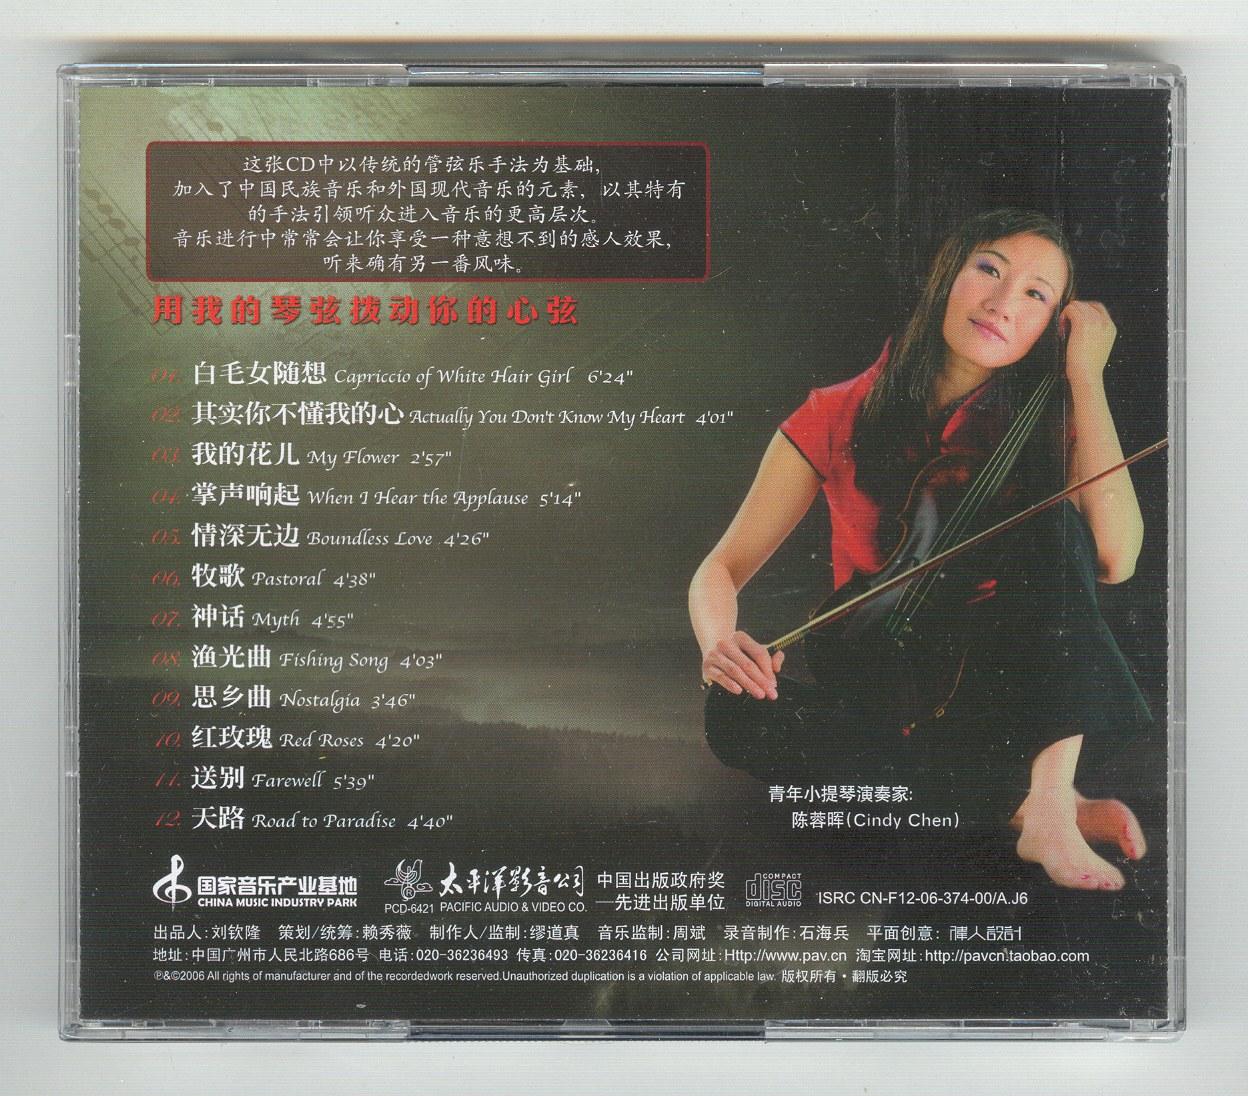 陈蓉晖如诗如画小提琴 琴声无边 1cd 民歌纯音乐hifi高保真发烧碟